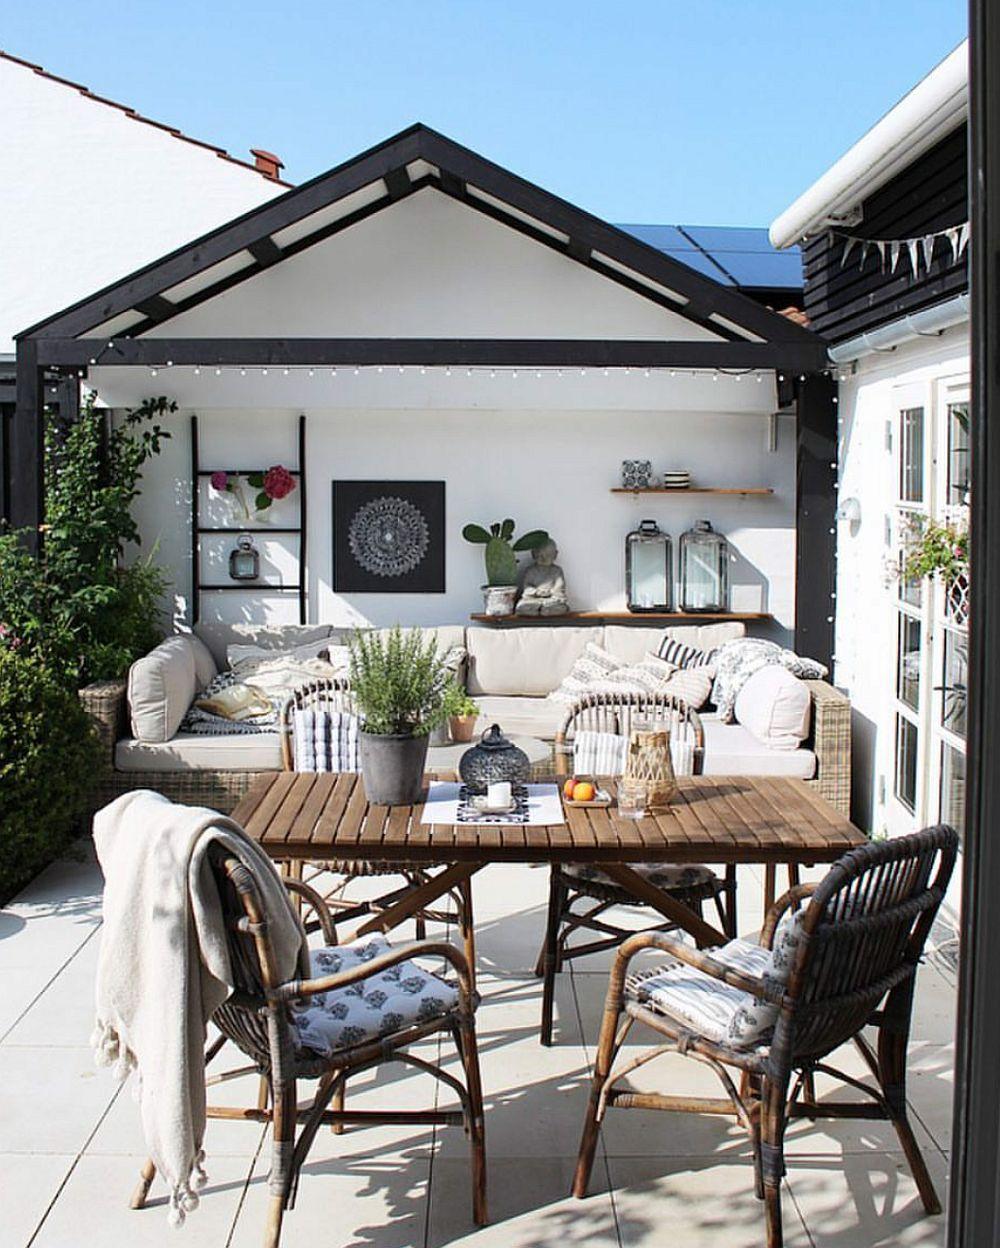 adelaparvu.com despre terasa in stil Nordic Boho, designer si foto Kristen Skovbon (17)